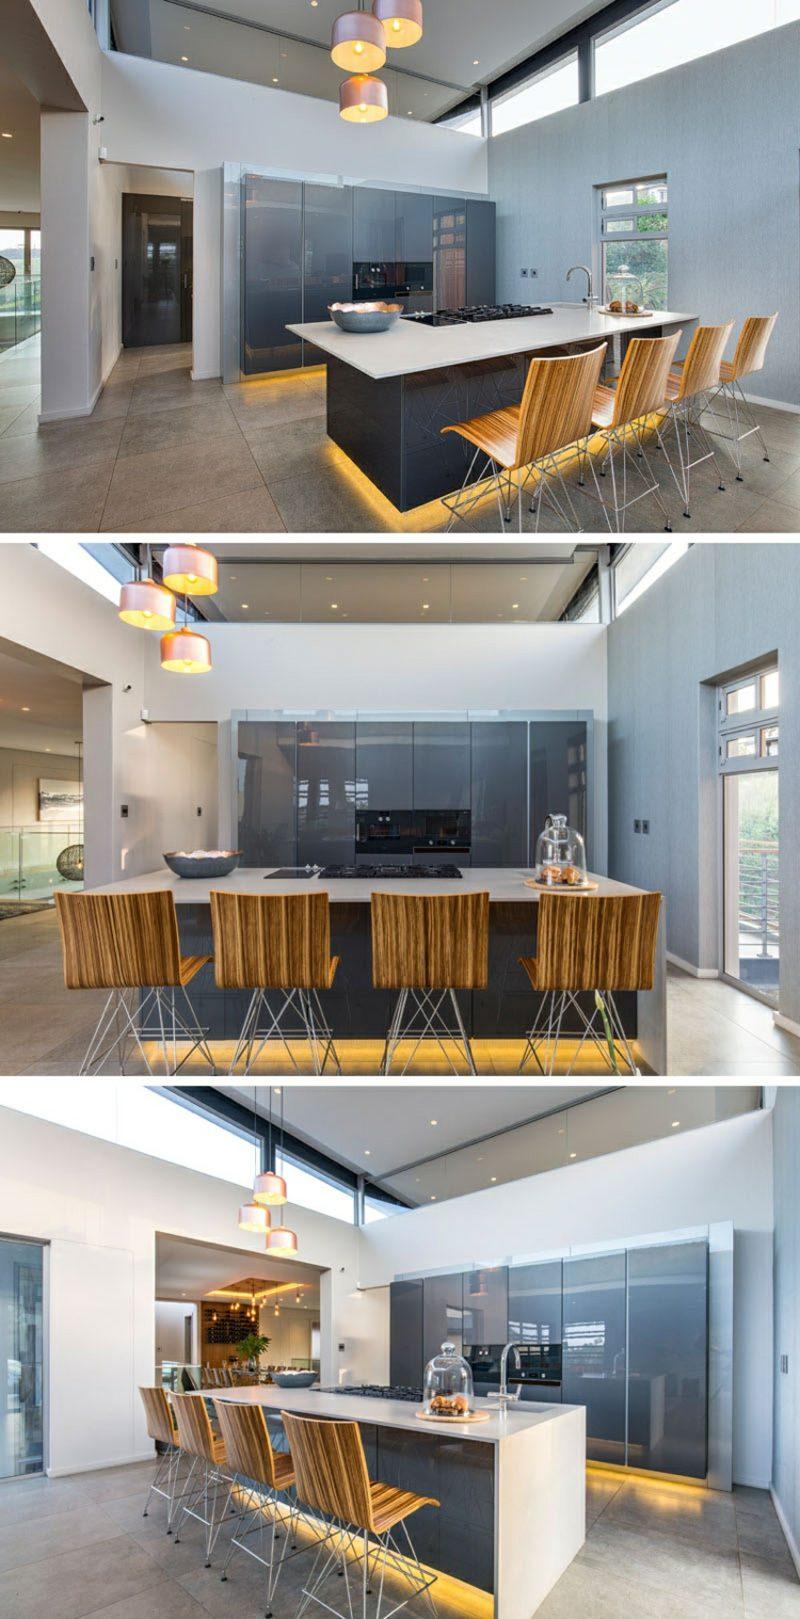 7 sch ne h user mit eindrucksvoller architektur aus aller ecken der welt. Black Bedroom Furniture Sets. Home Design Ideas